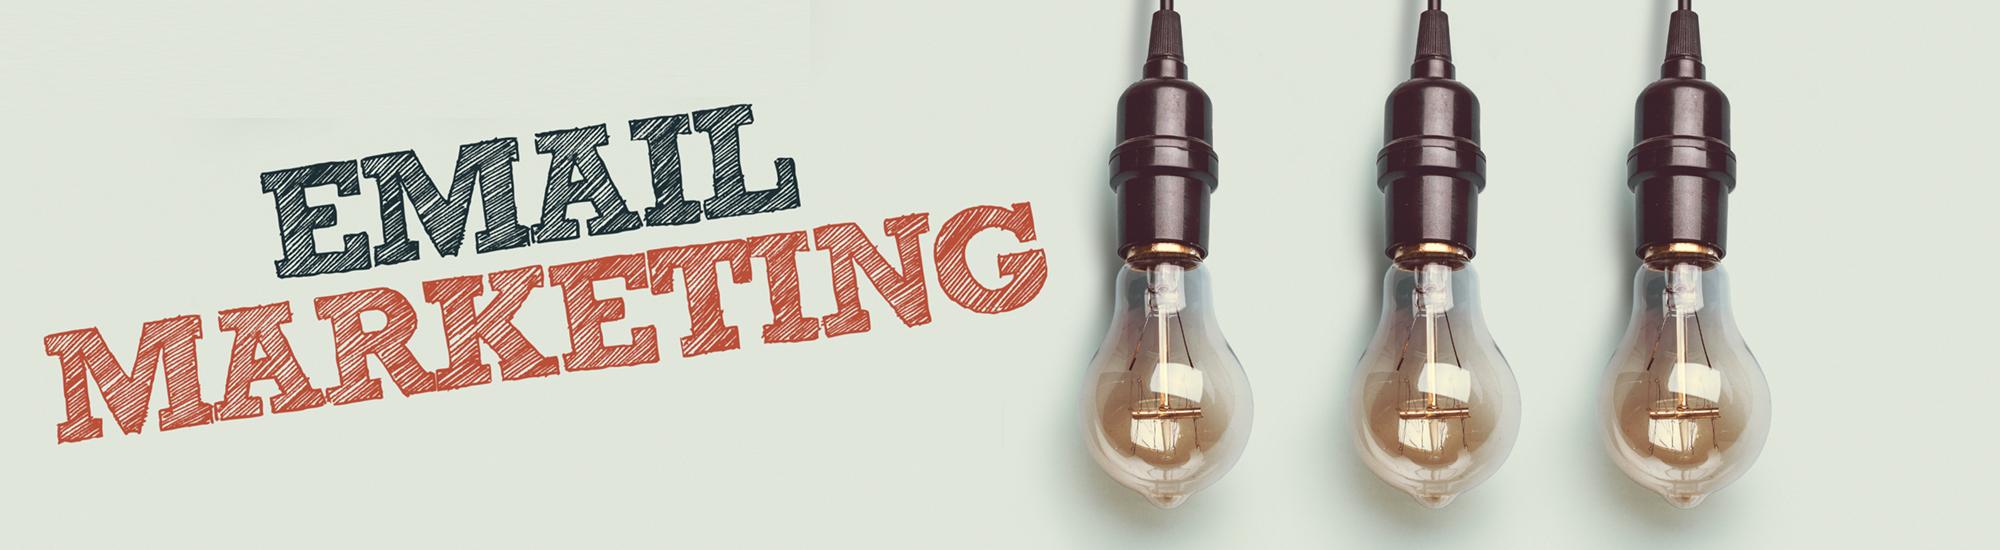 ffs-blog-email-marketing-0516